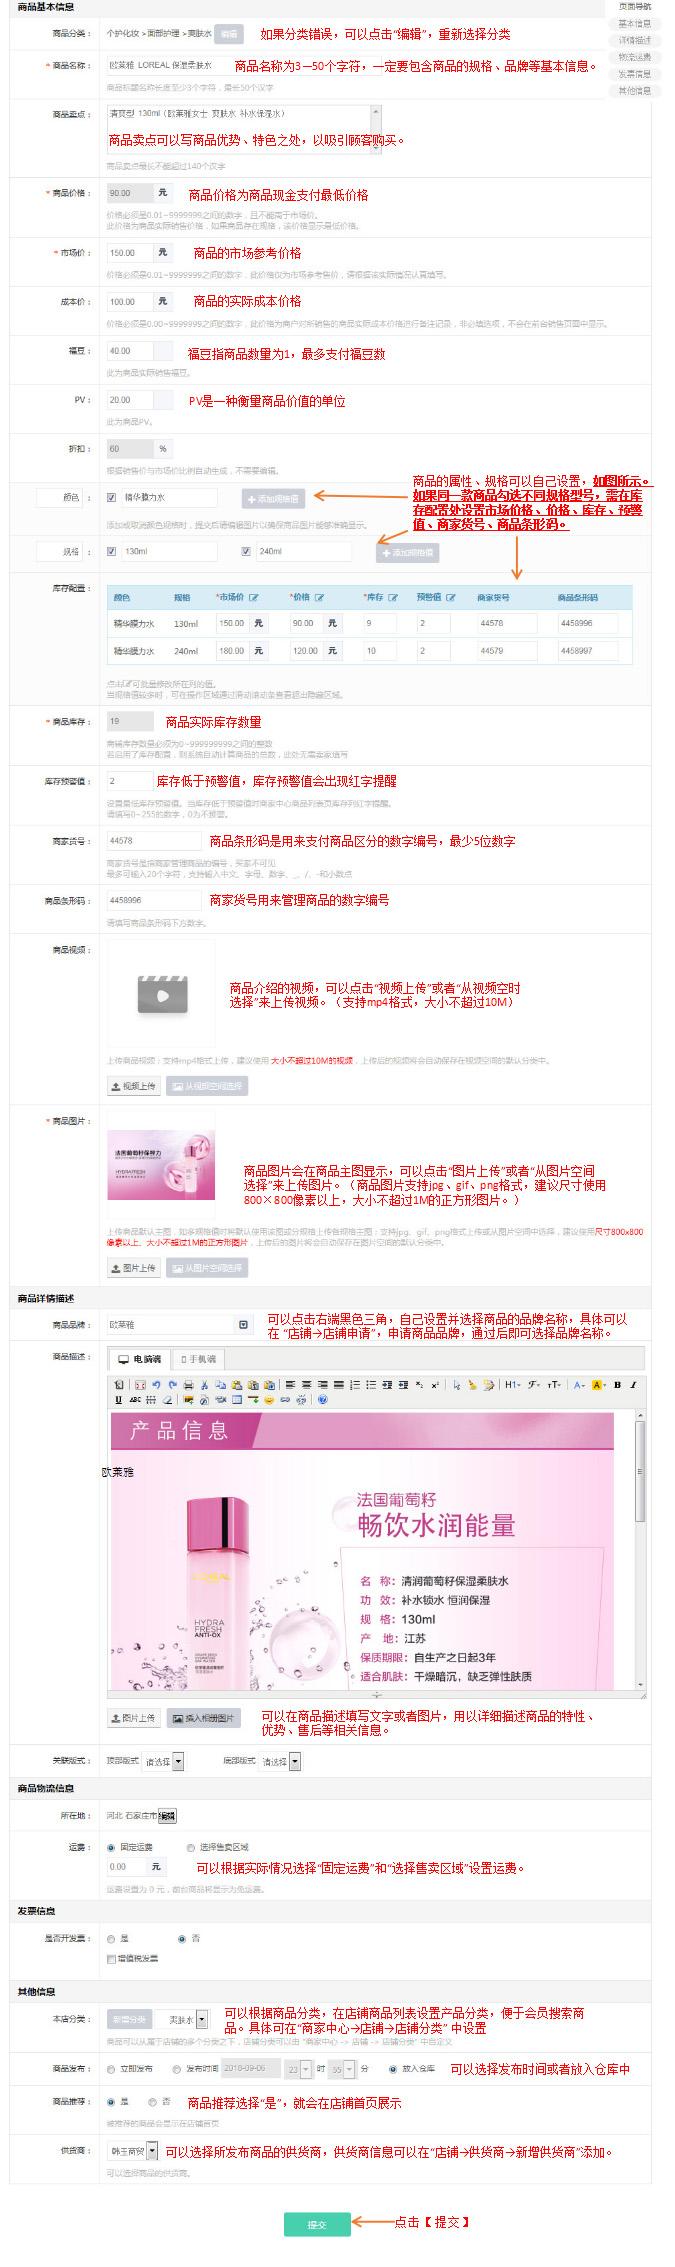 http://image.zhenyoufu.com.cn/shop/article/05895621119317908.jpg